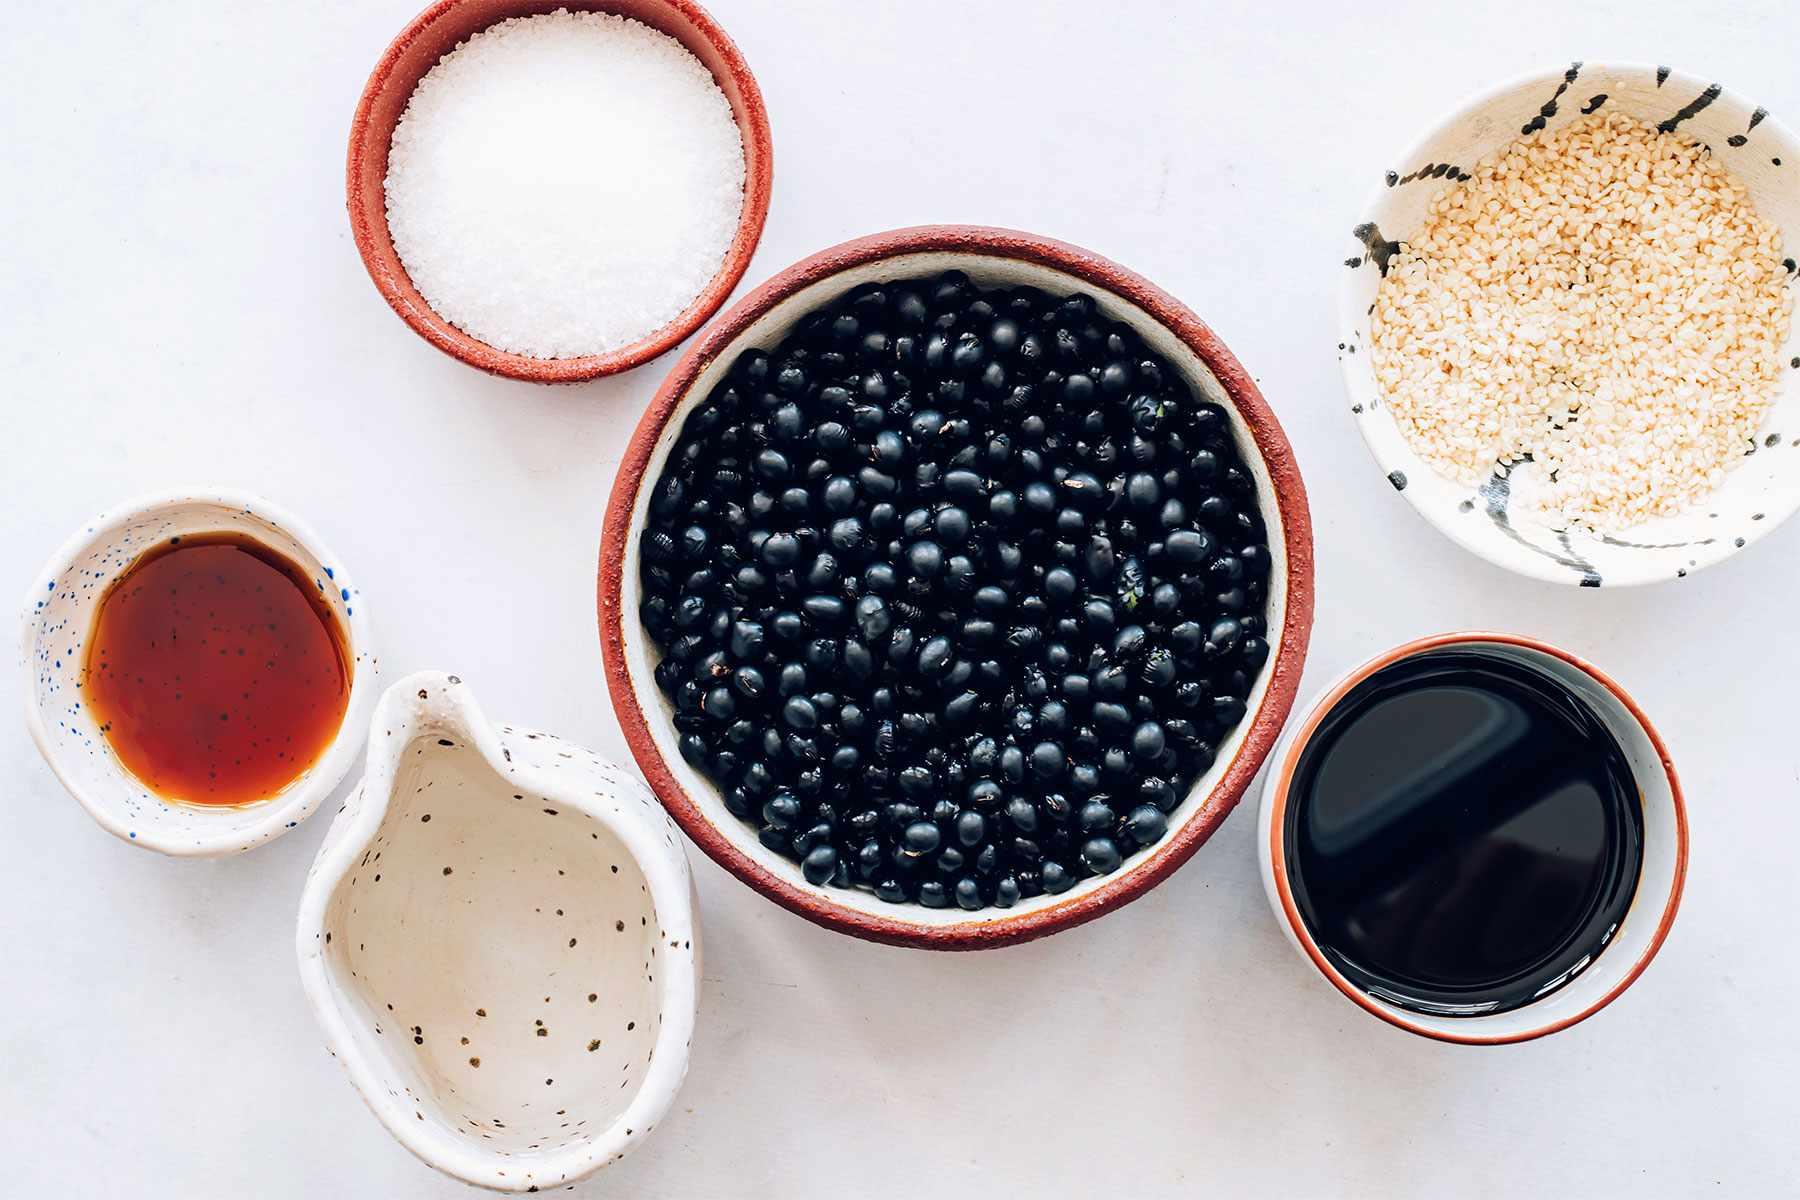 Korean Sweet Black Beans (Kongjaban) ingredients